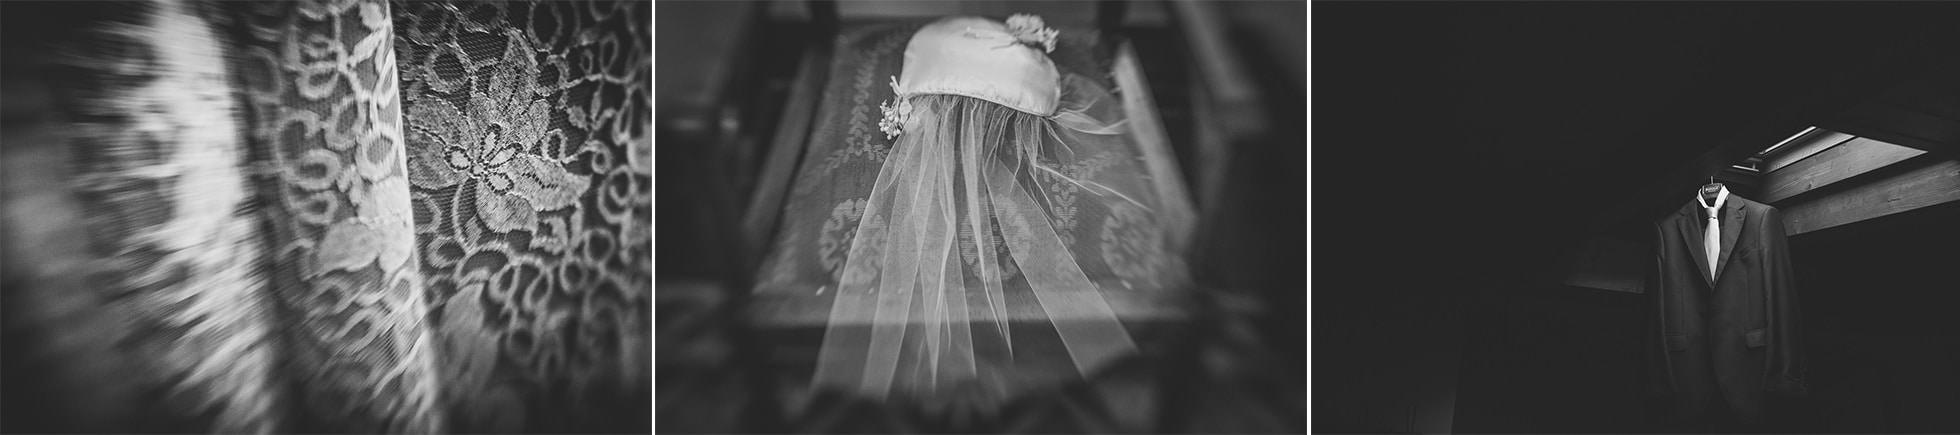 accessori sposa vintage